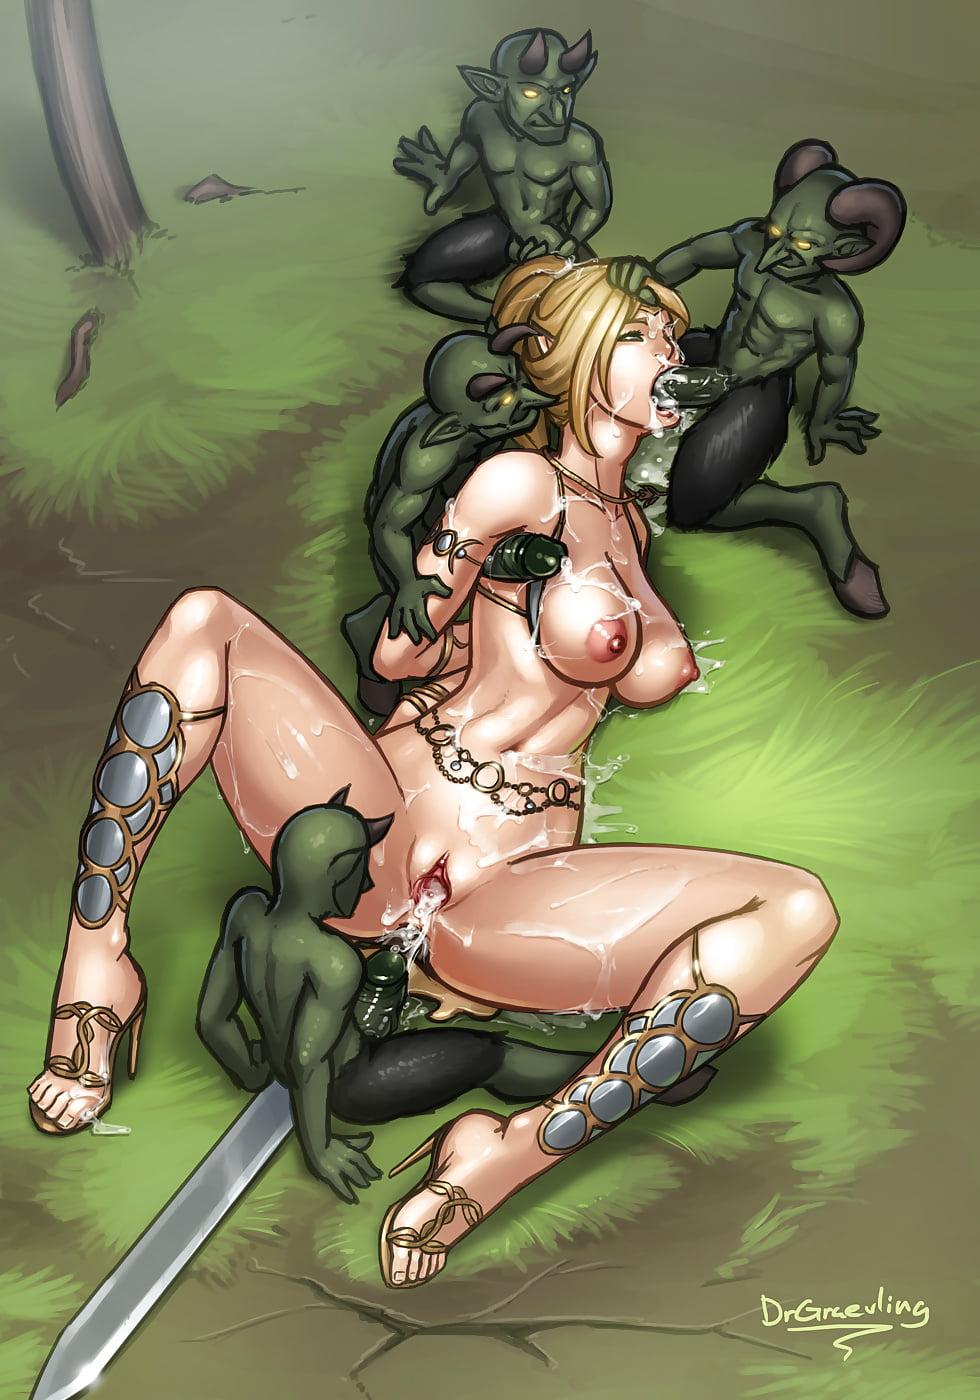 Warrior dark porn pics, covered penis of ice cream